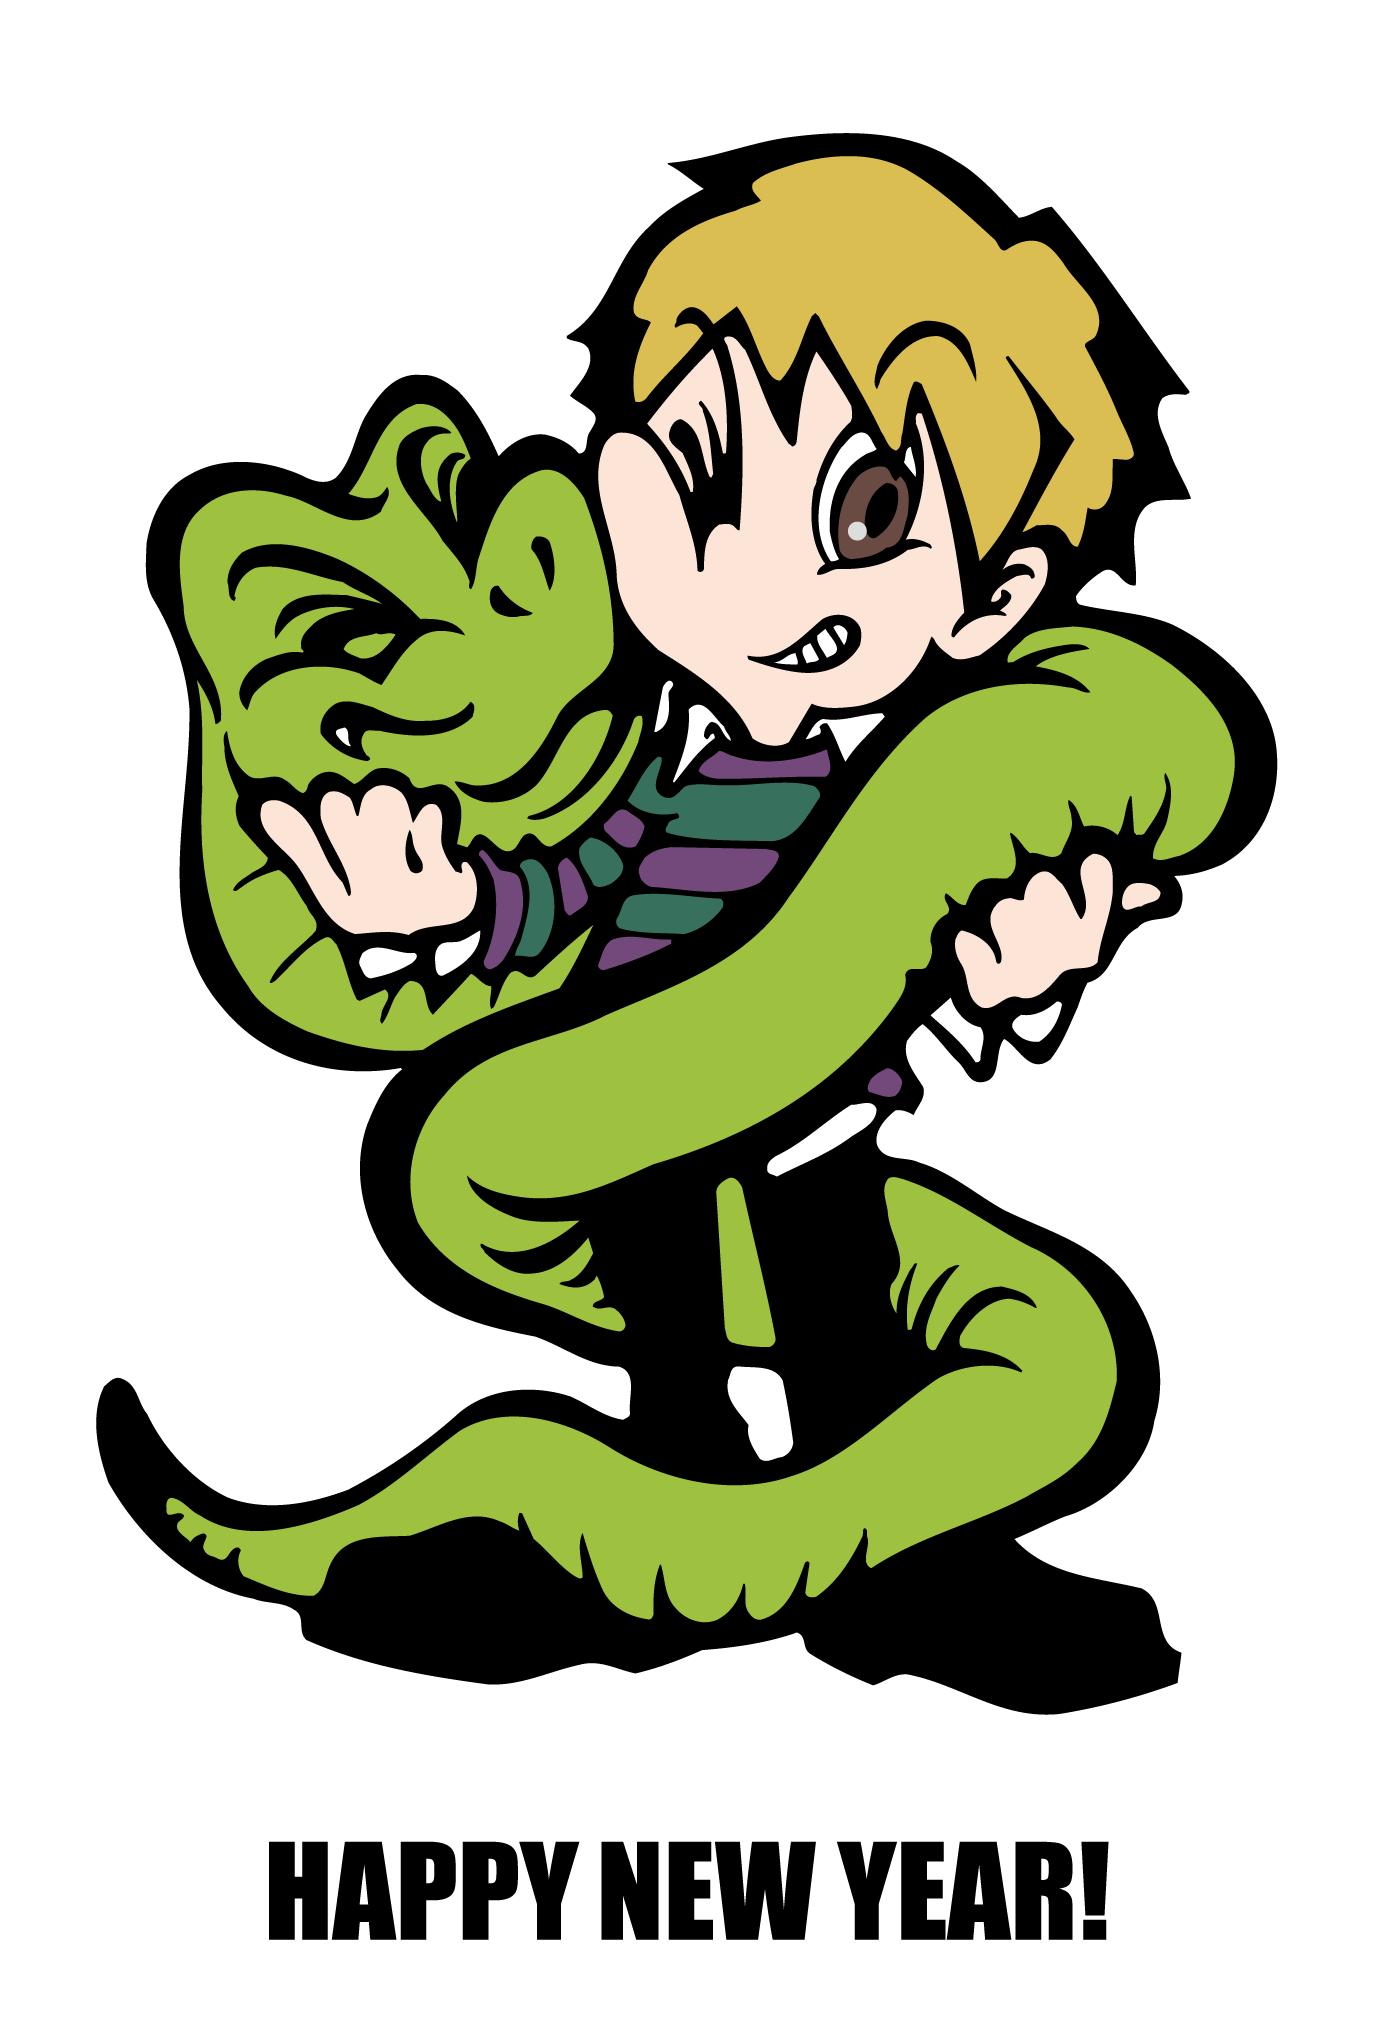 2001年賀状02:ヘビと男の子のダウンロード画像